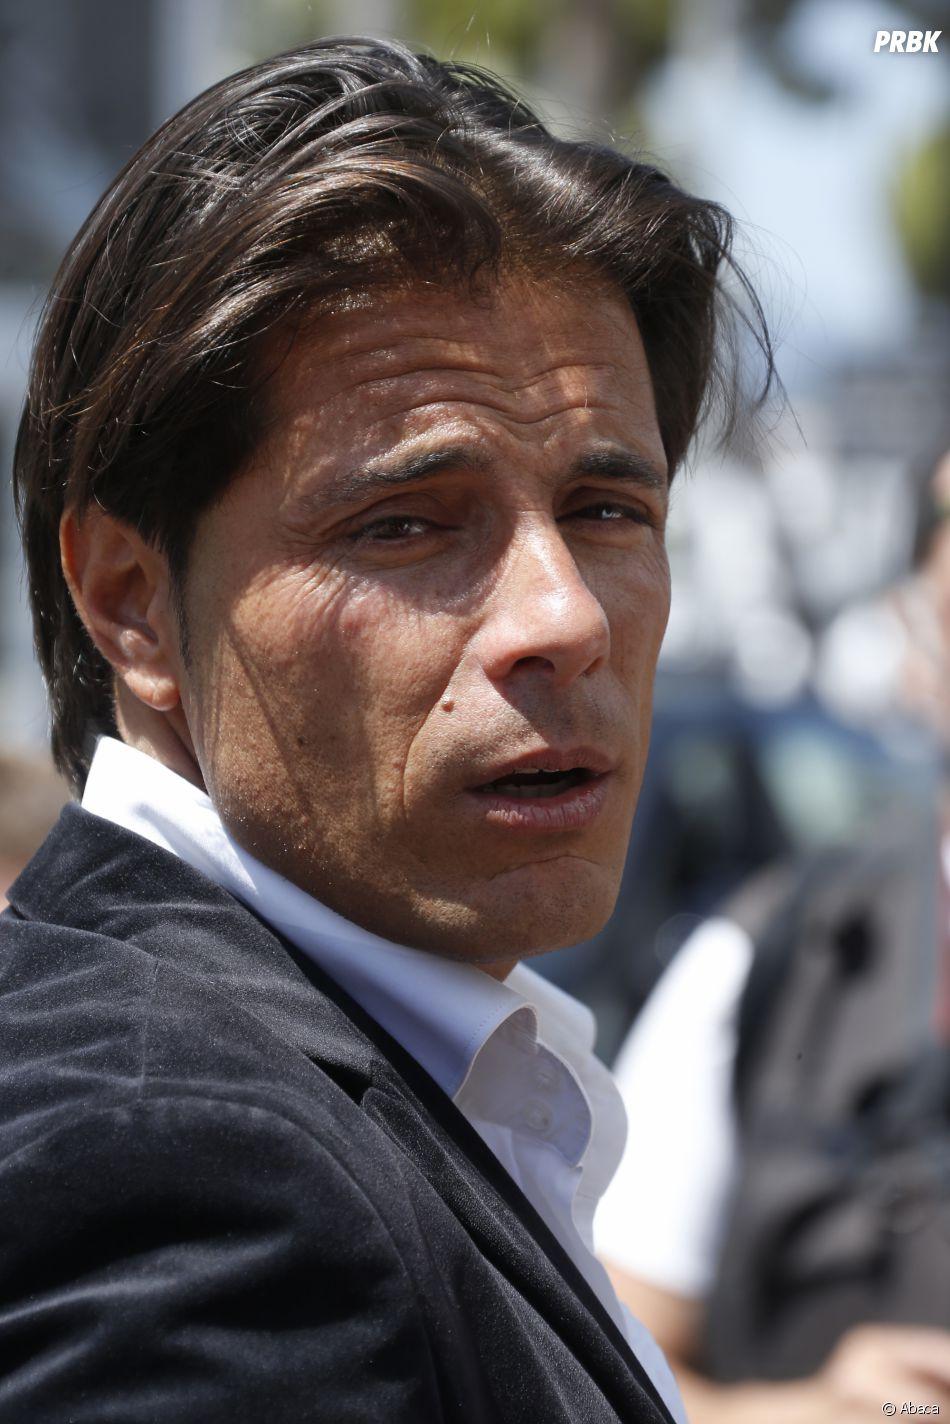 Giuseppe Polimeno (Qui veut épouser mon fils) est condamné à d    eux ans de prison ferme  , dont un avec sursis, et un maintien en détention